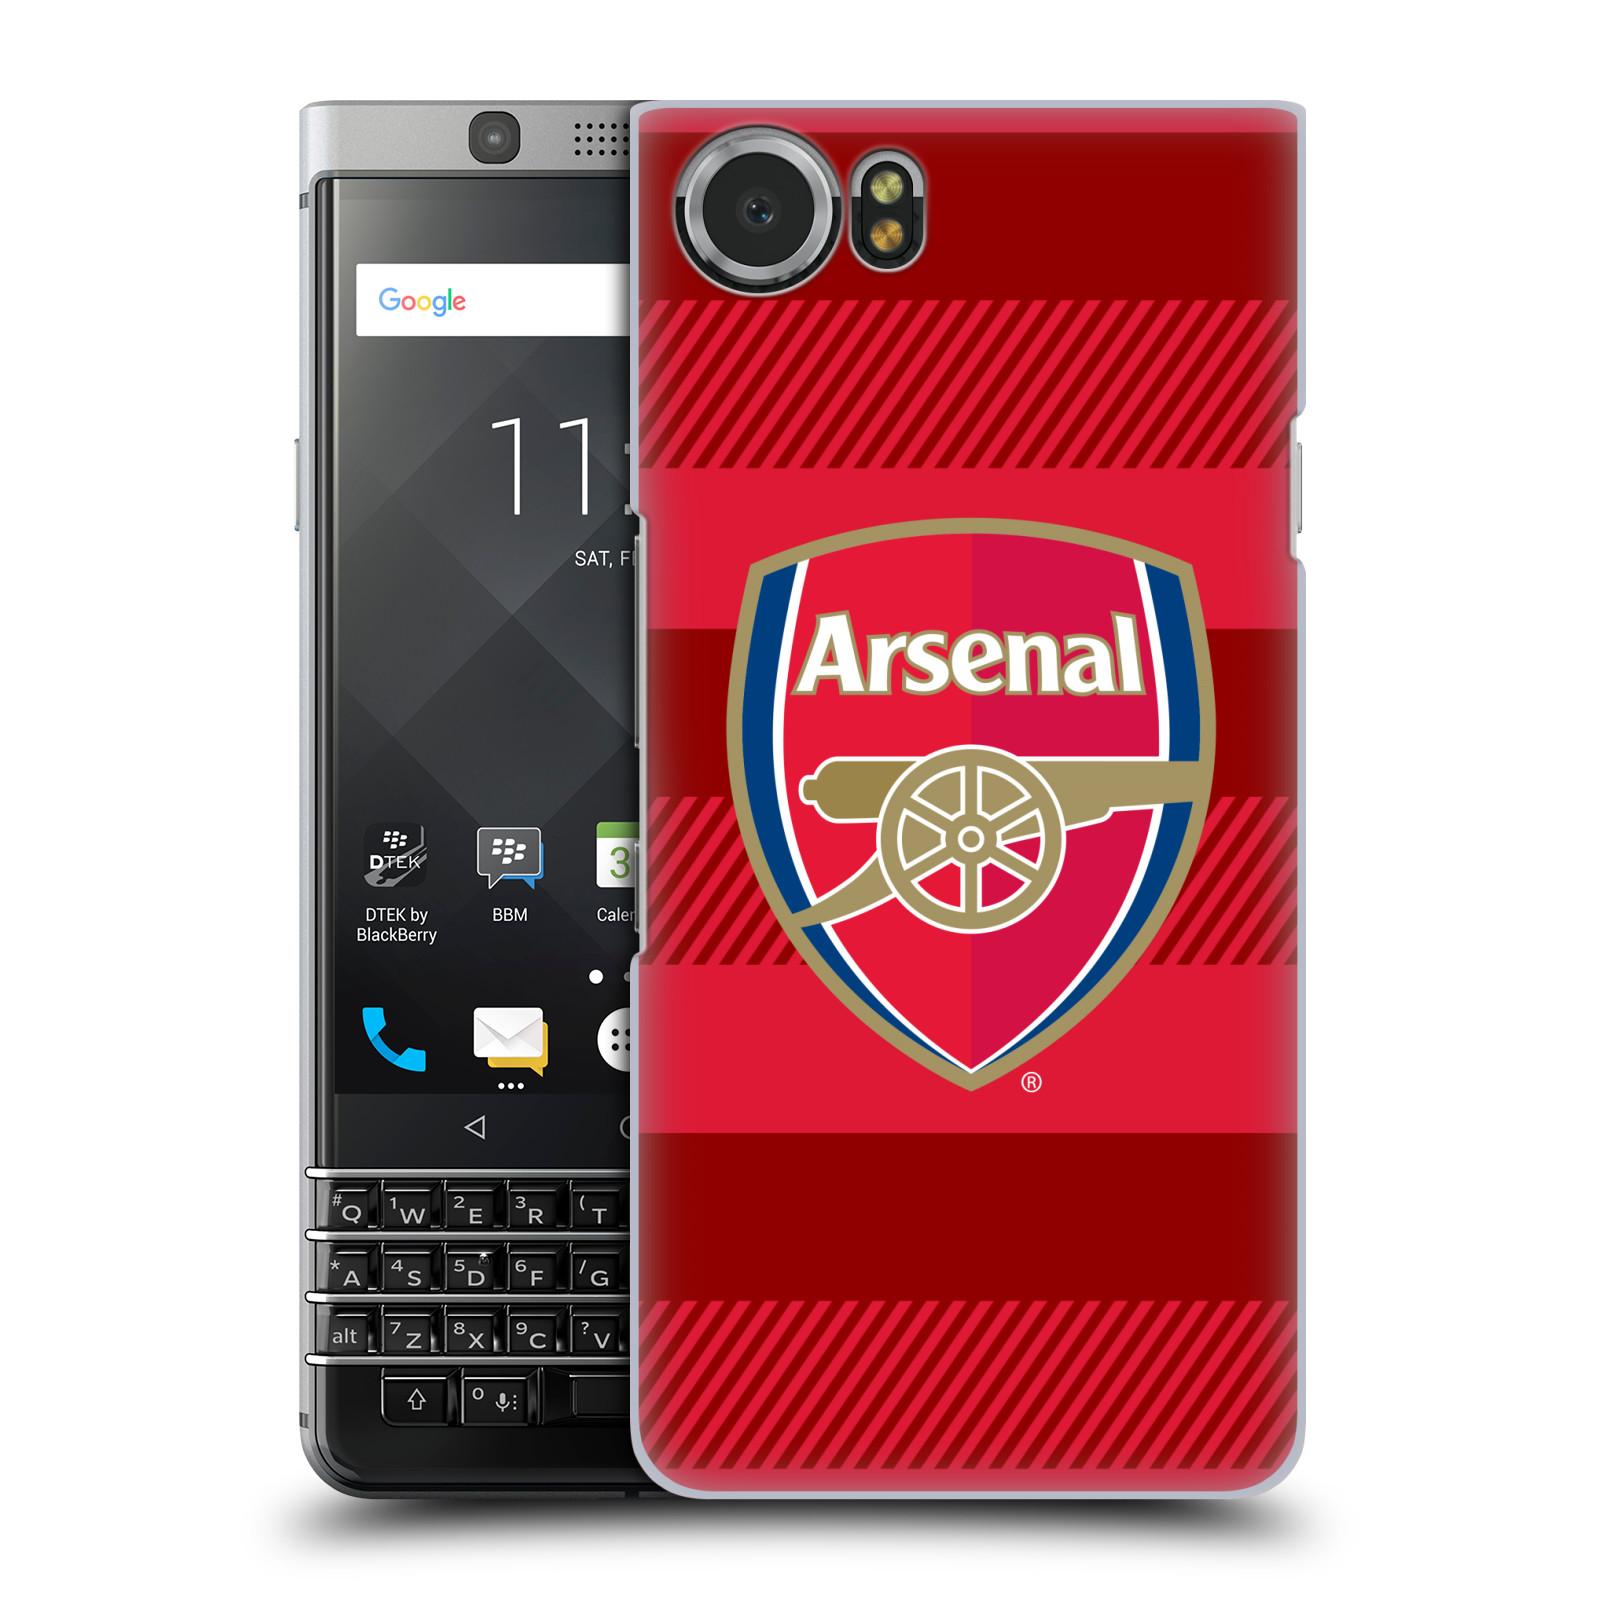 Plastové pouzdro na mobil BlackBerry KEYone - Head Case - Arsenal FC - Logo s pruhy